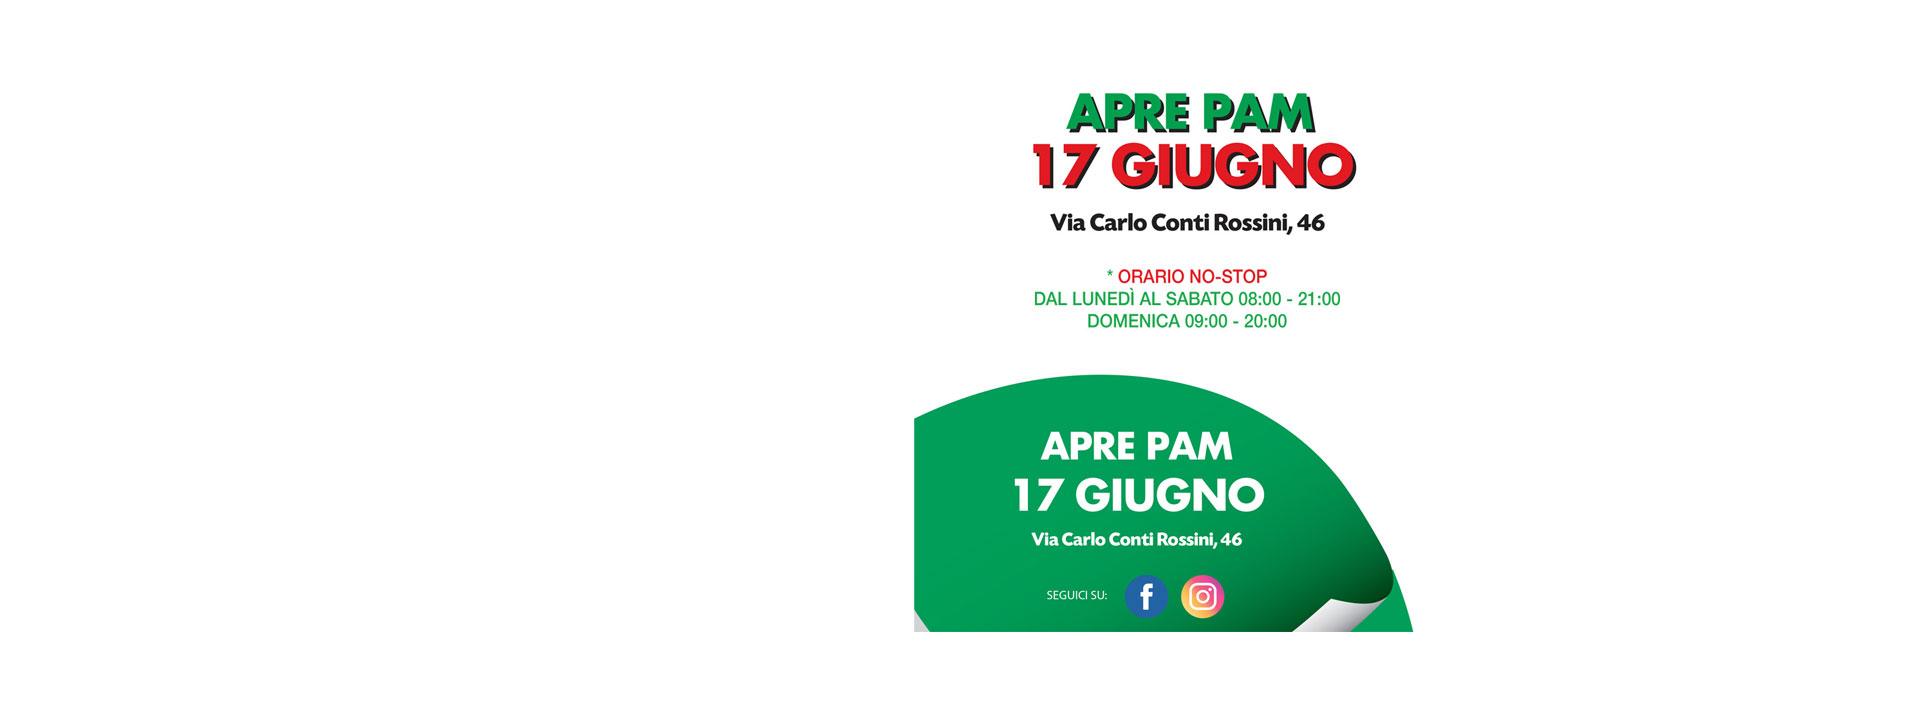 Nuova apertura Supermercato PAM in via Carlo Conti Rossini 46